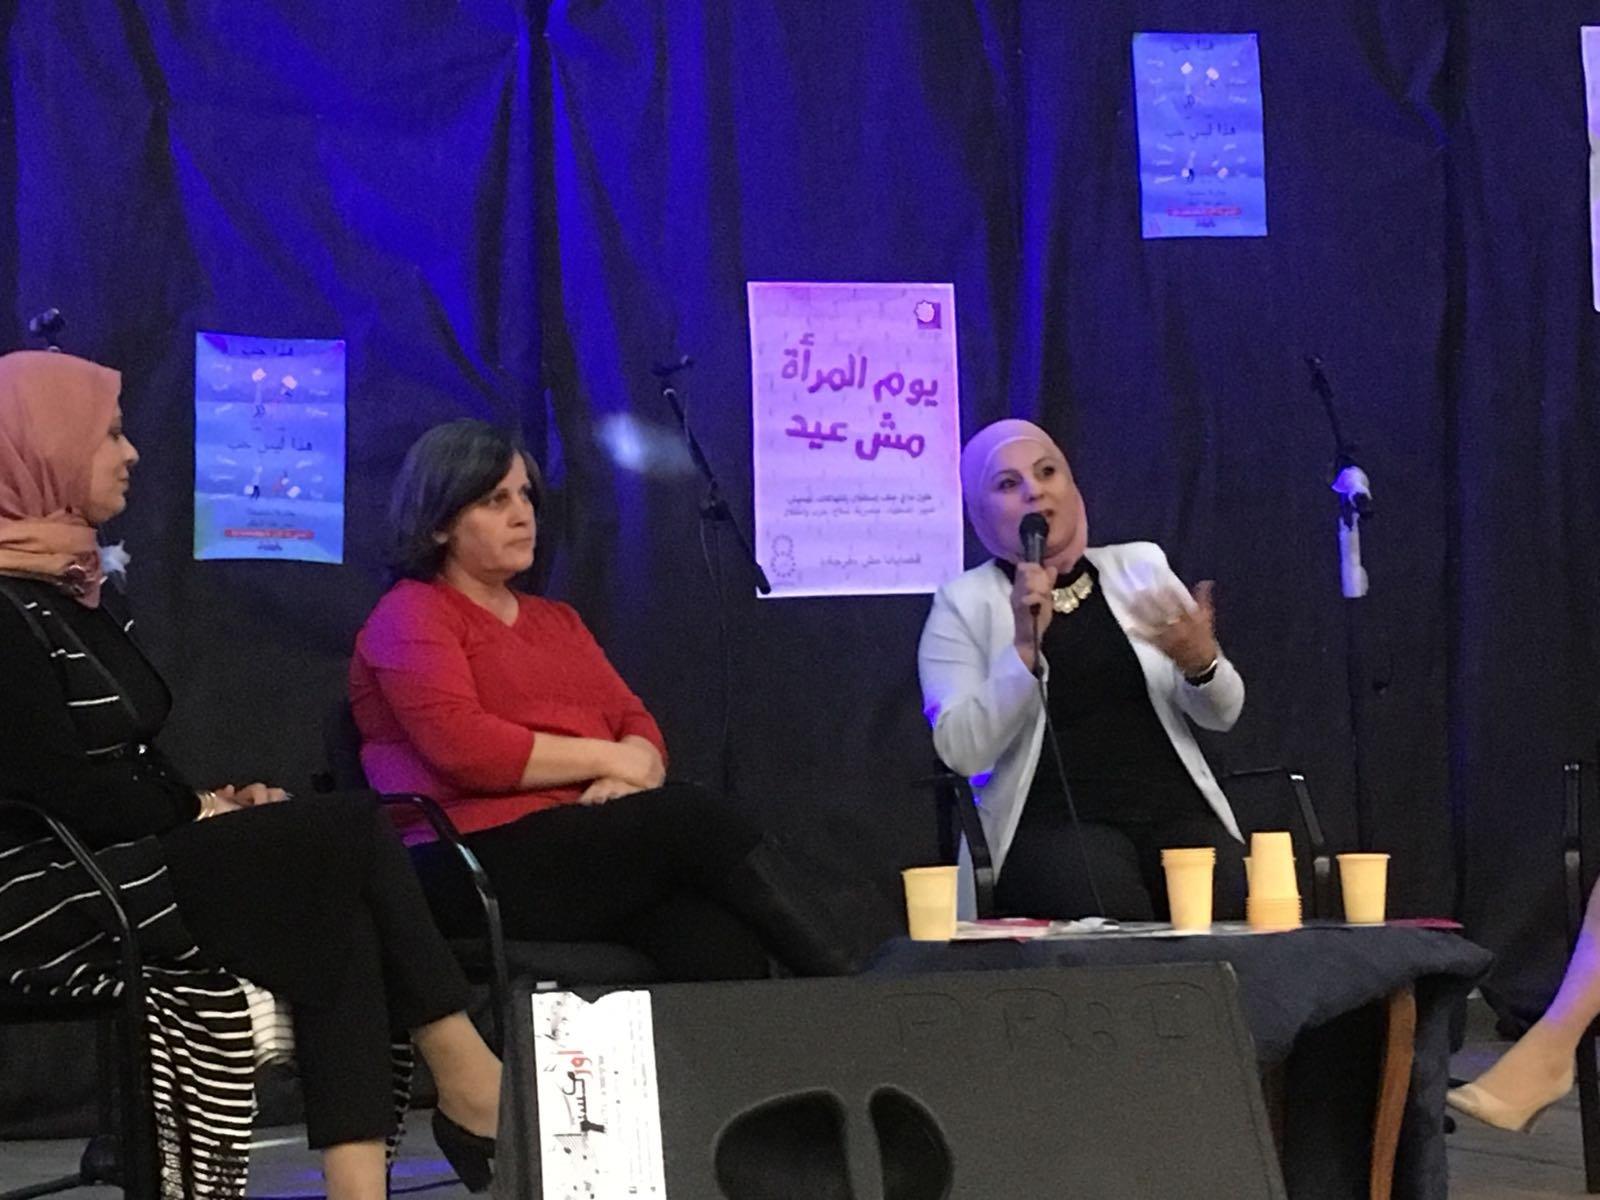 نعمت لواء المثلث تقيم حفلاً حاشدًا بمناسبة يوم المرأة العالمي بعنوان صوتك قوة- التأثير والمشاركة السياسية للنساء